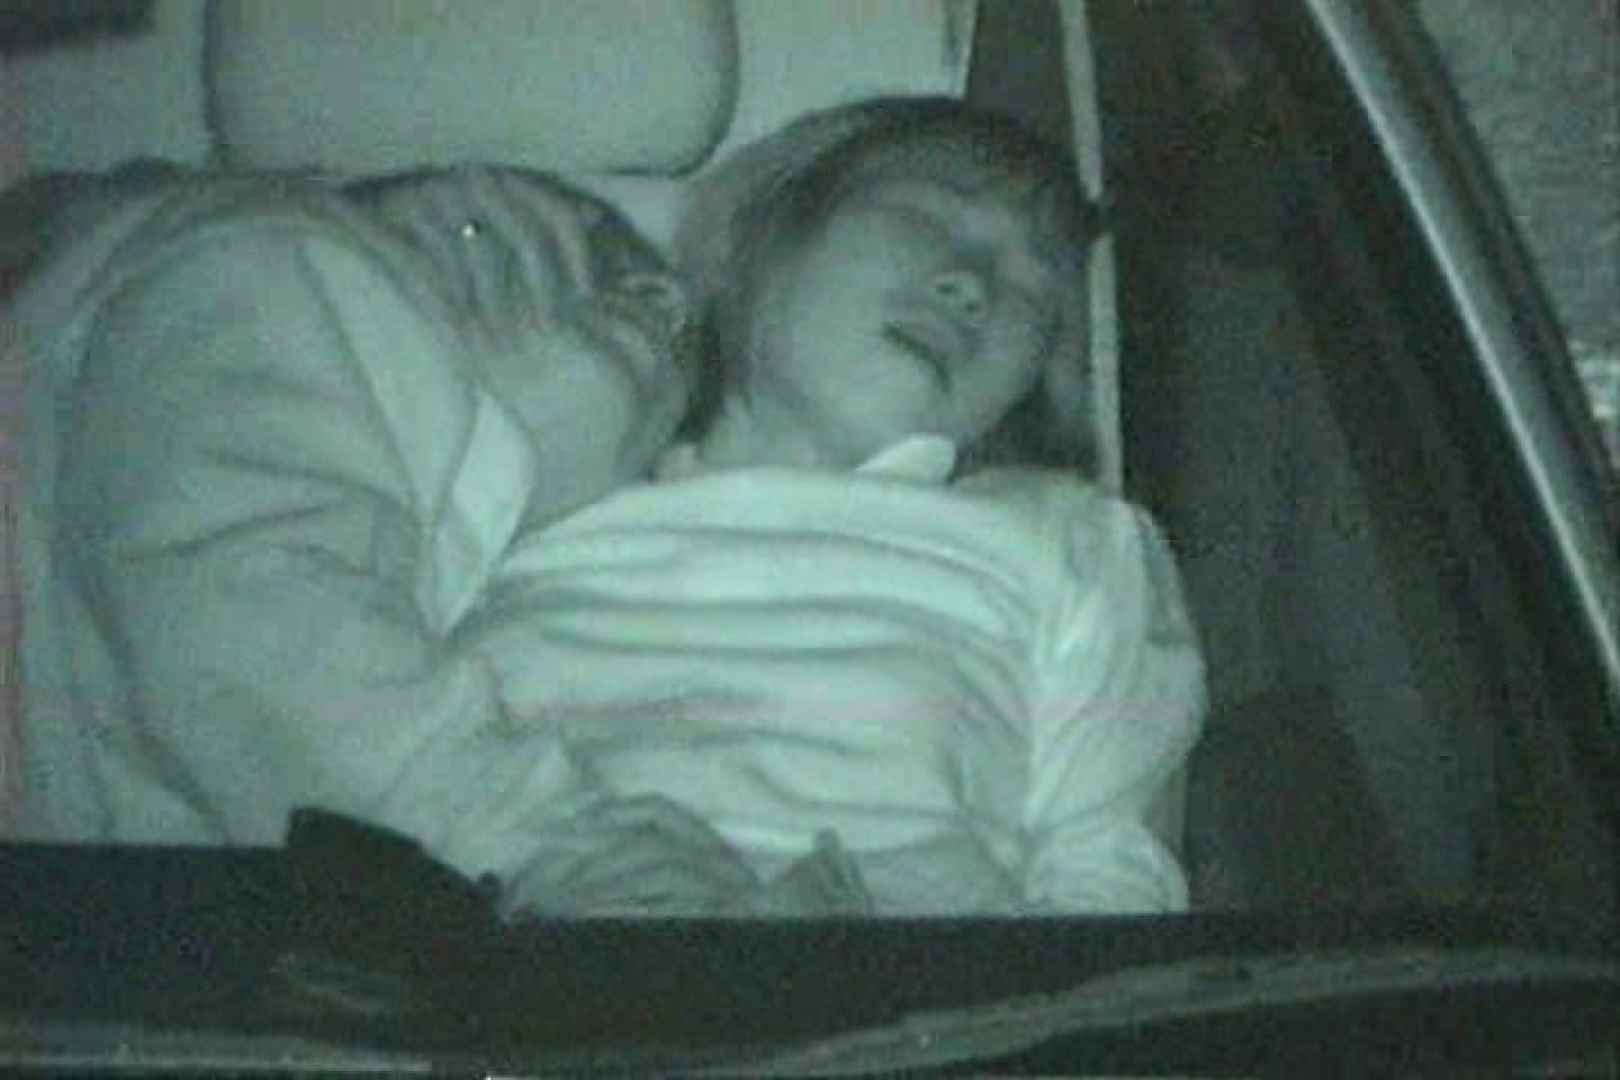 車の中はラブホテル 無修正版  Vol.27 OLヌード天国 のぞき動画画像 105PIX 18